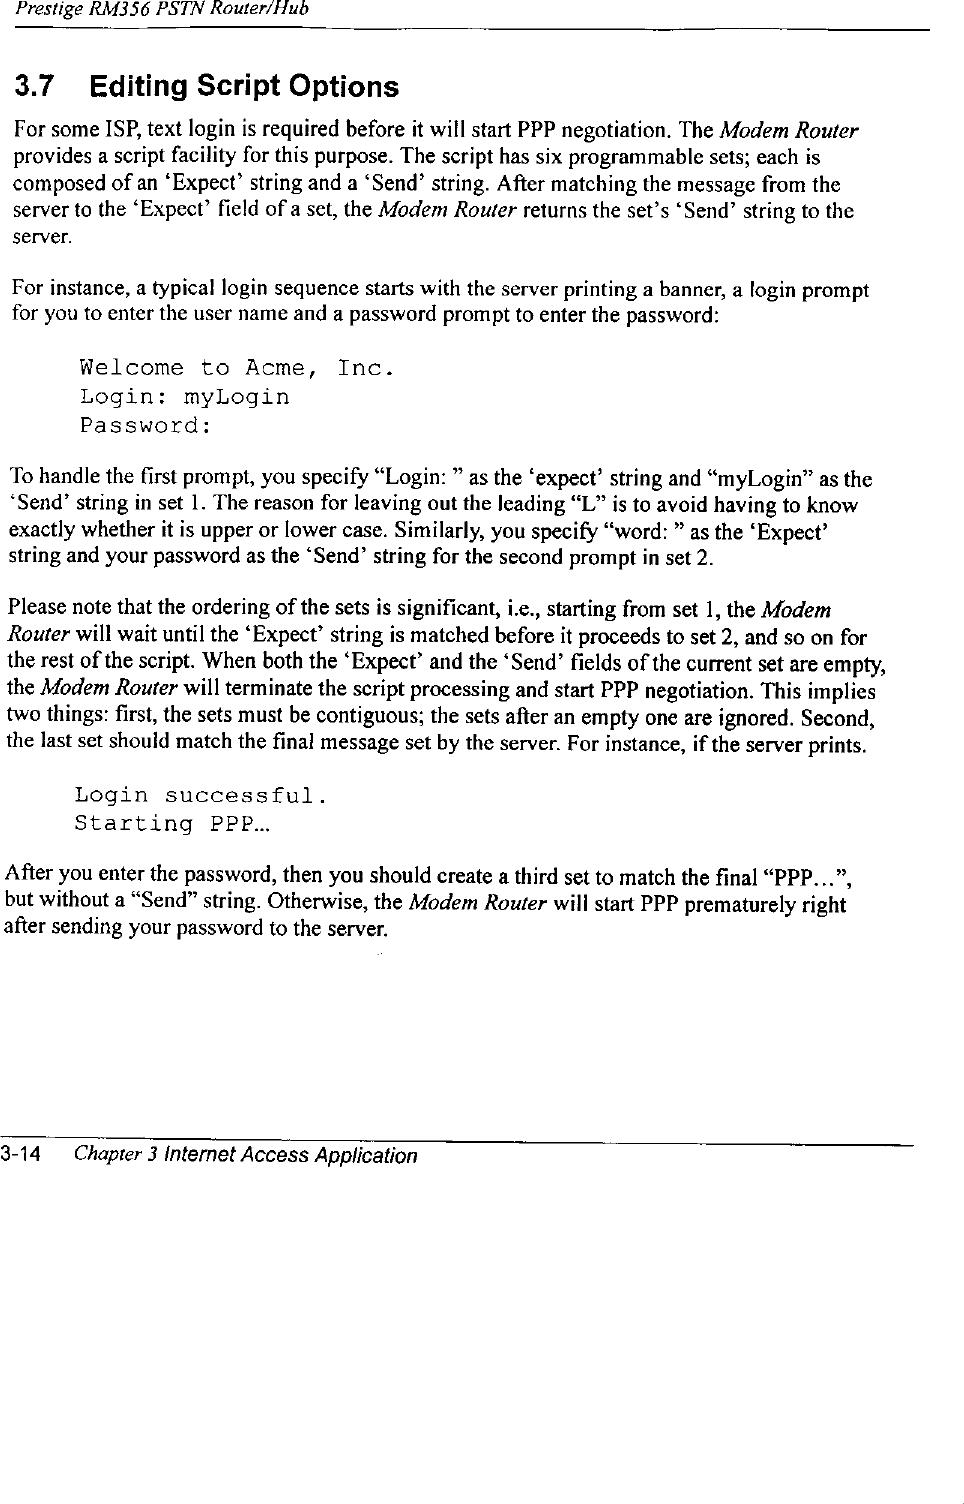 ZyXEL Communications NETGEARRM356 User Manual 74770